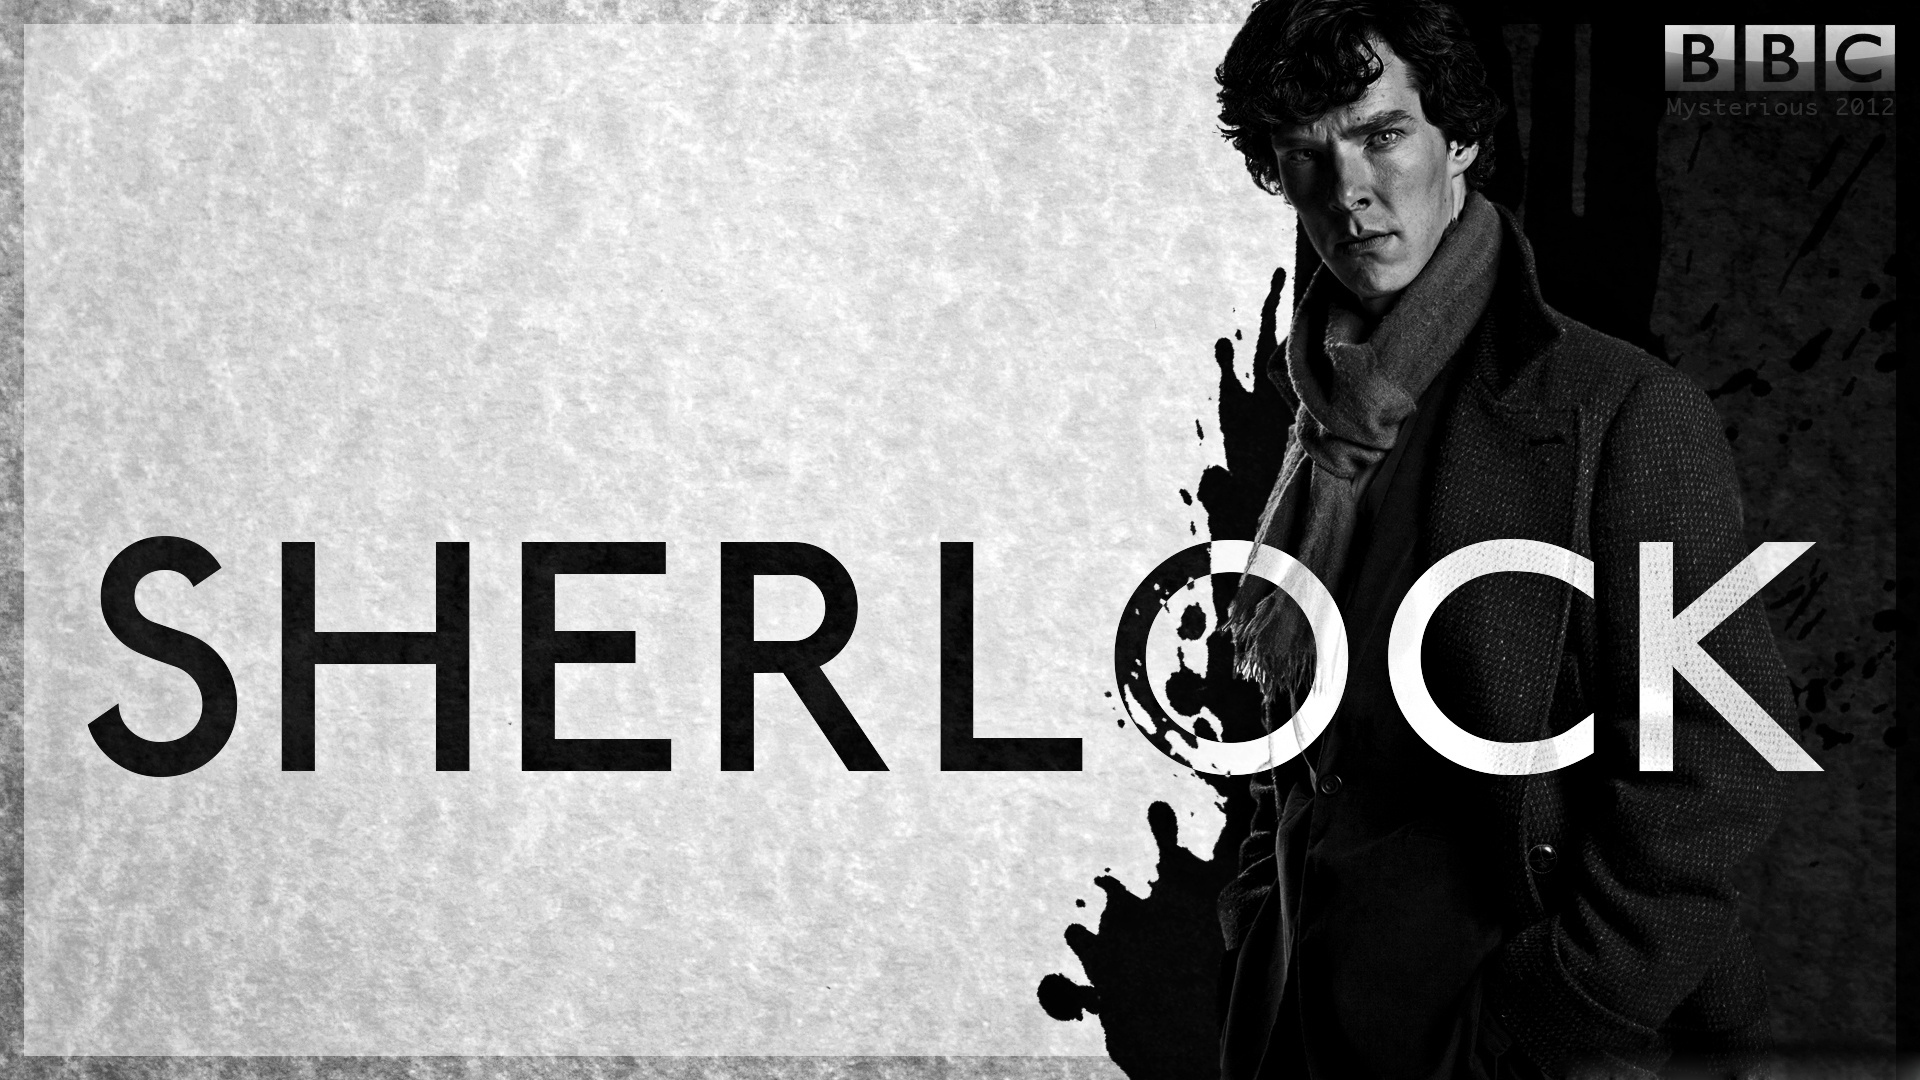 Fall Mobile Pattern Wallpapers Sherlock Holmes Movie Wallpapers Pixelstalk Net